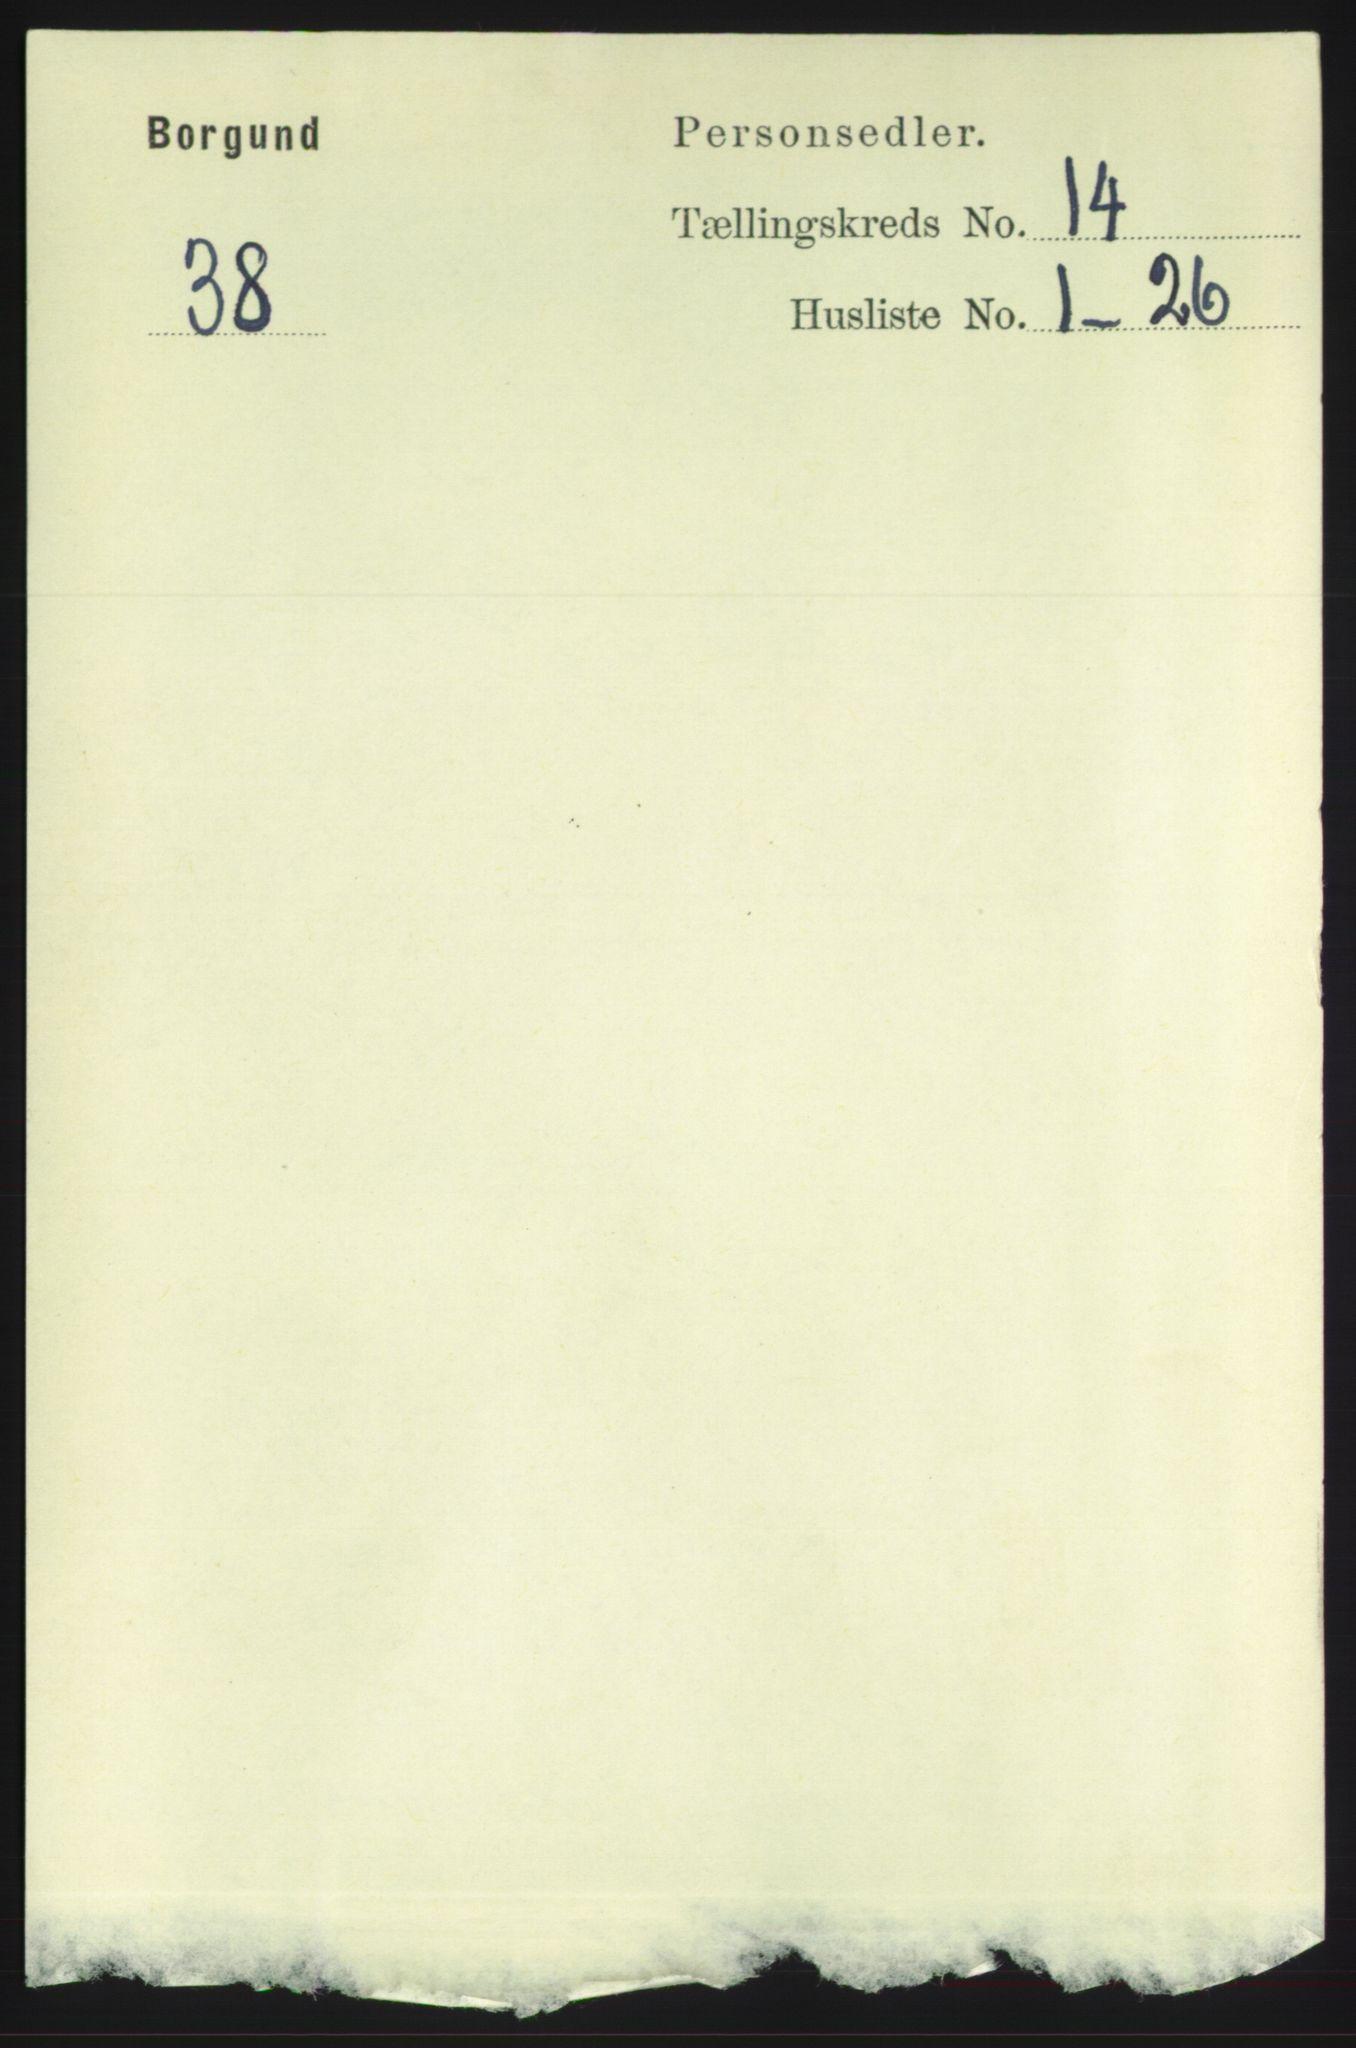 RA, Folketelling 1891 for 1531 Borgund herred, 1891, s. 4077